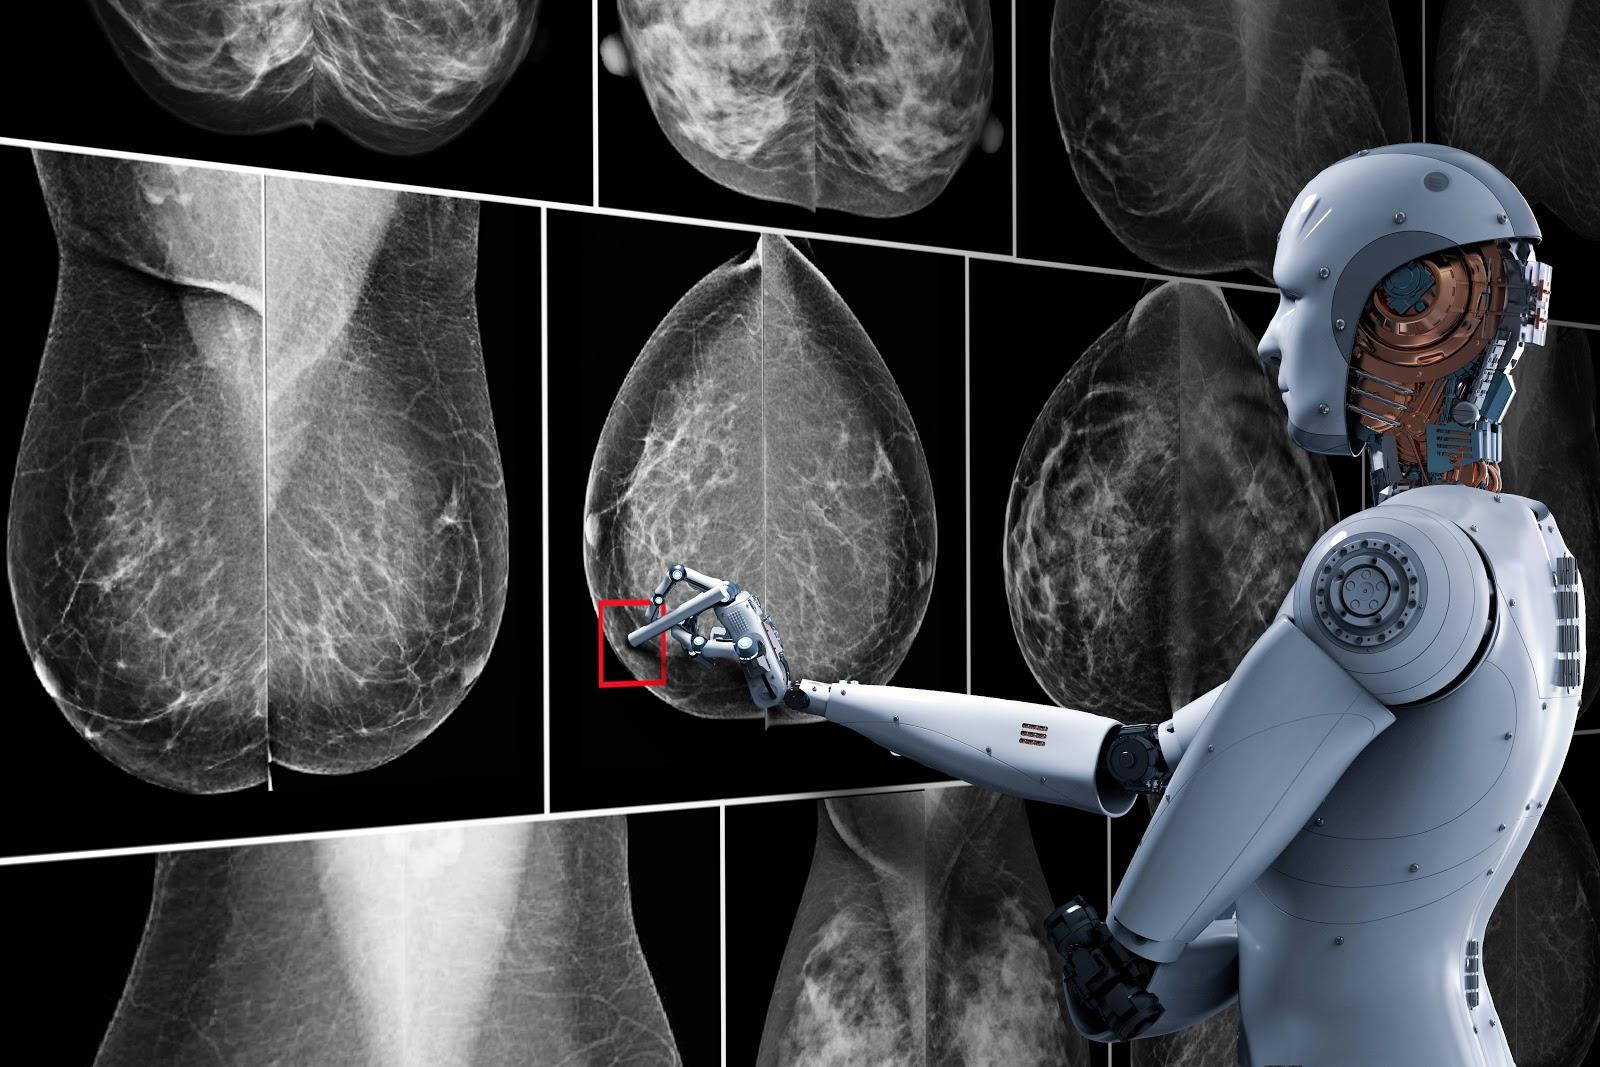 telerad_inteligenciaartificial_mamografia